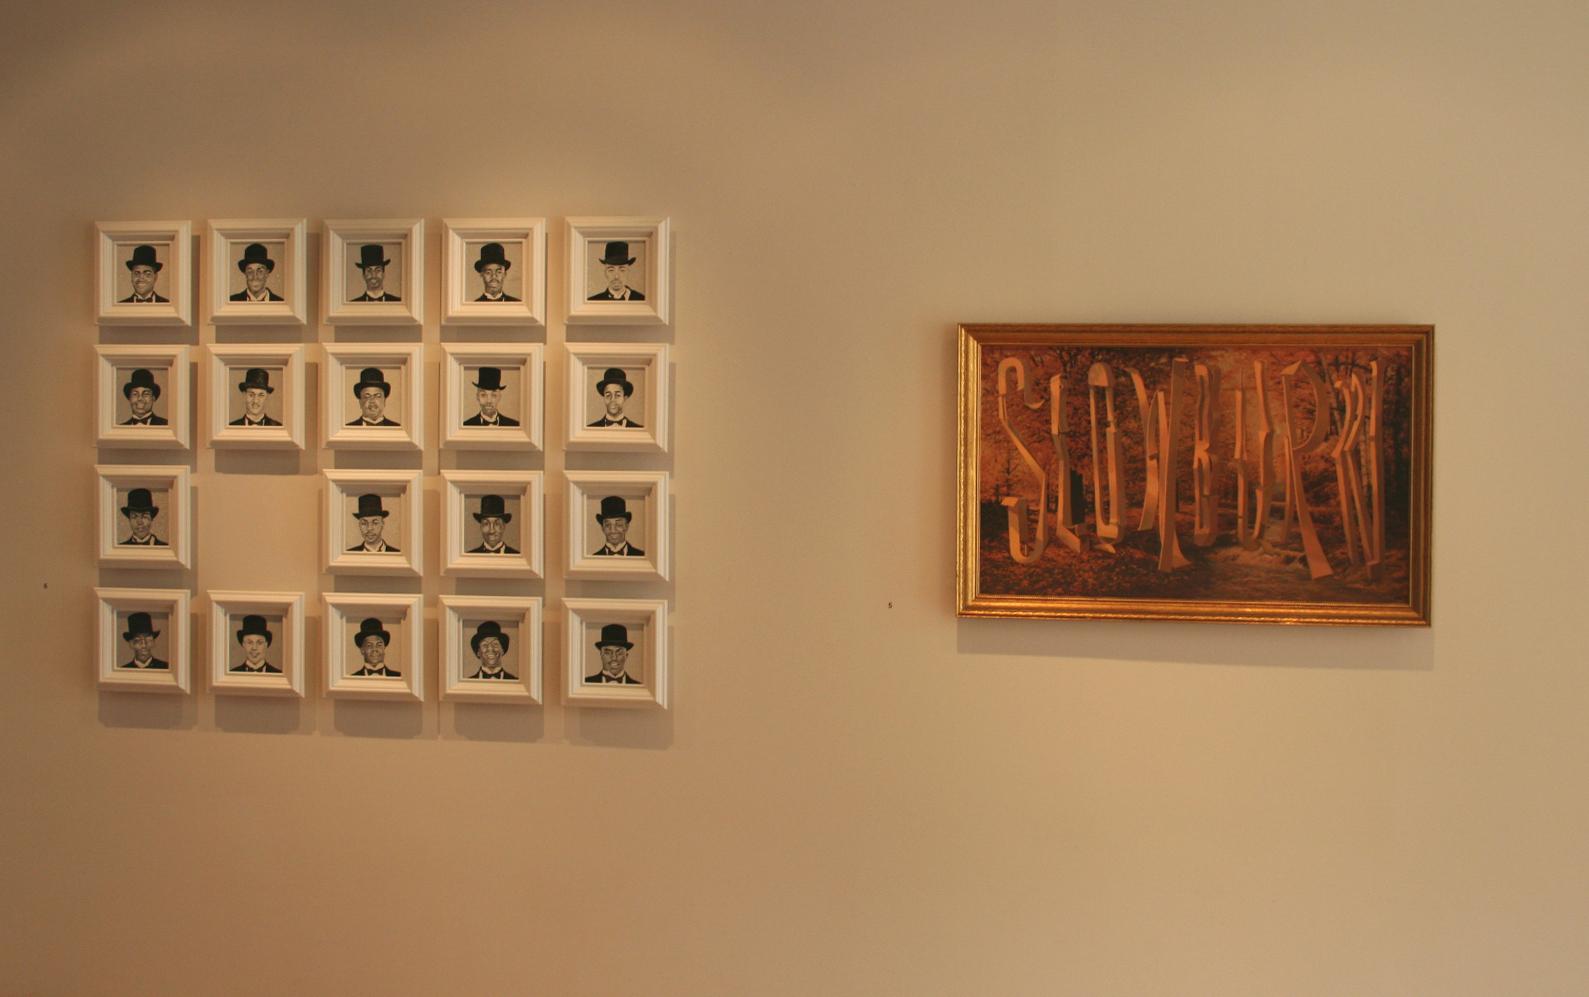 Kurt Wagner/Wayne White installation